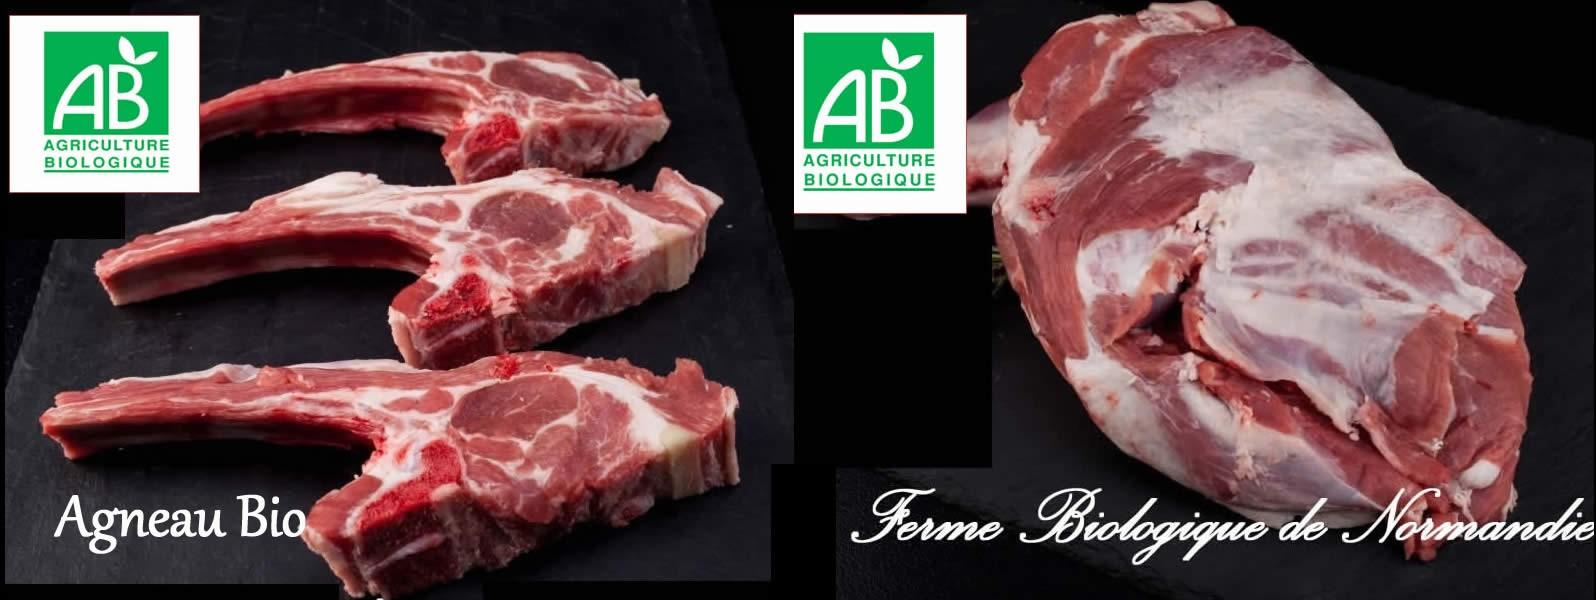 Viande d'agneau fermier bio,  élevé en plein air, en liberté, en direct de la ferme biologique de Normandie.